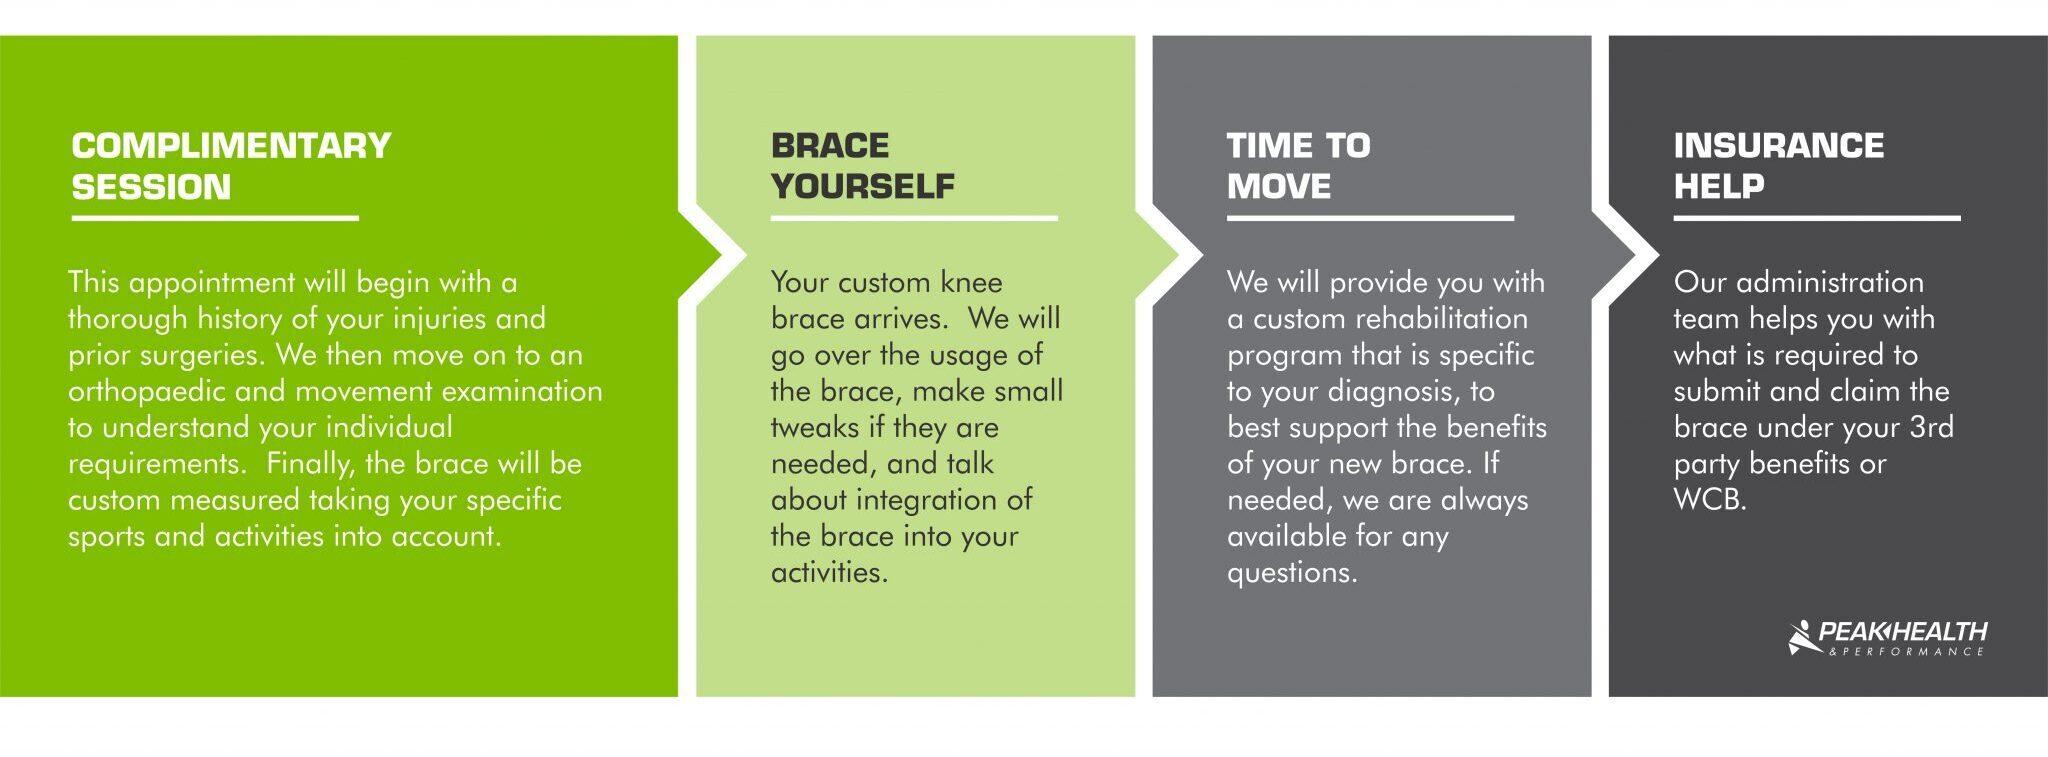 Custom Orthopaedic Knee Bracing - How It Works